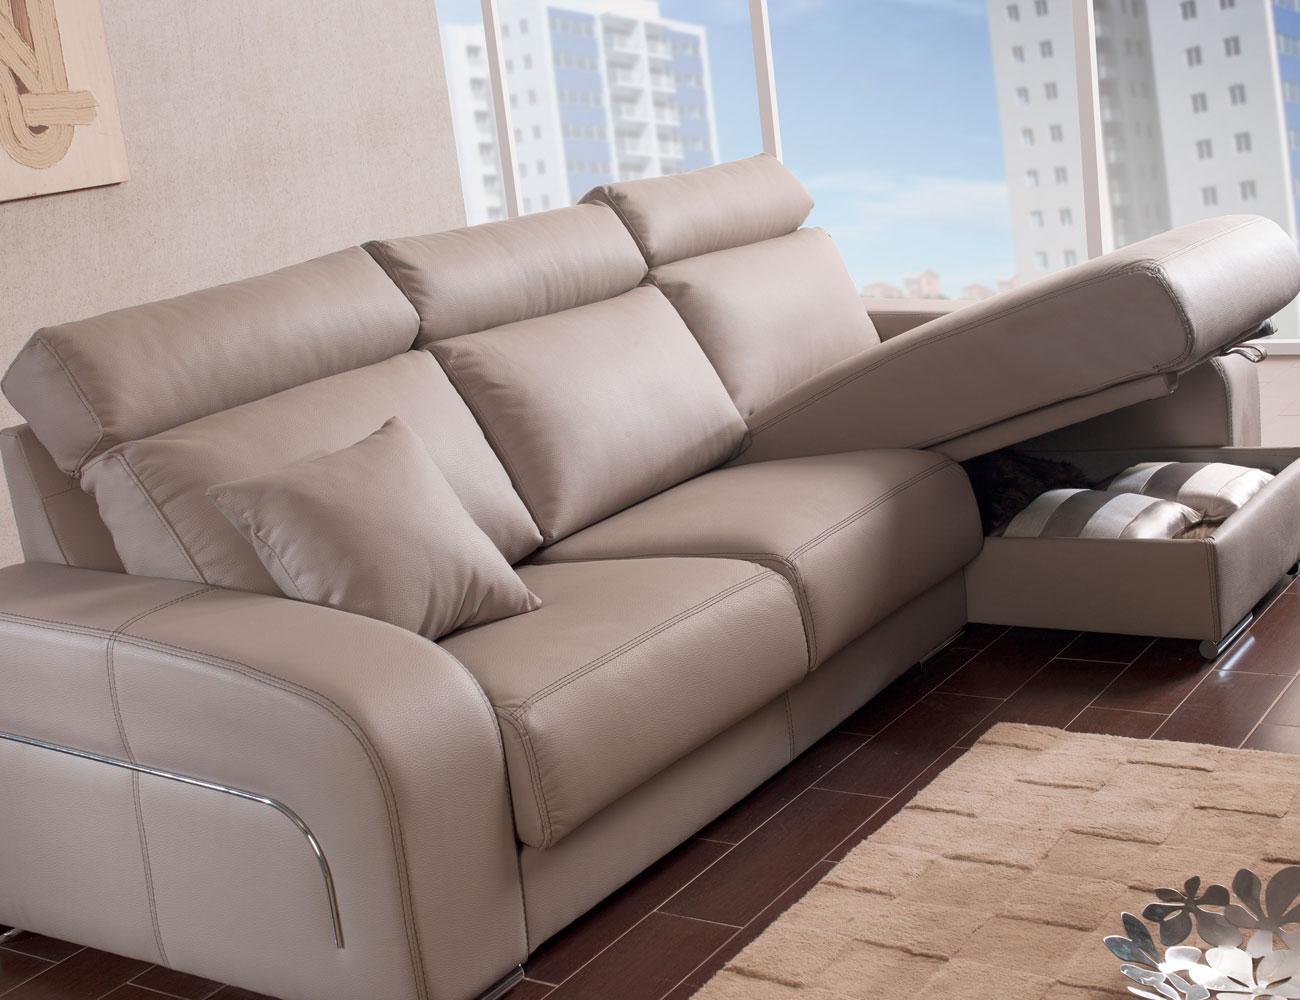 Sofa chaiselongue moderno pared cero arcon4